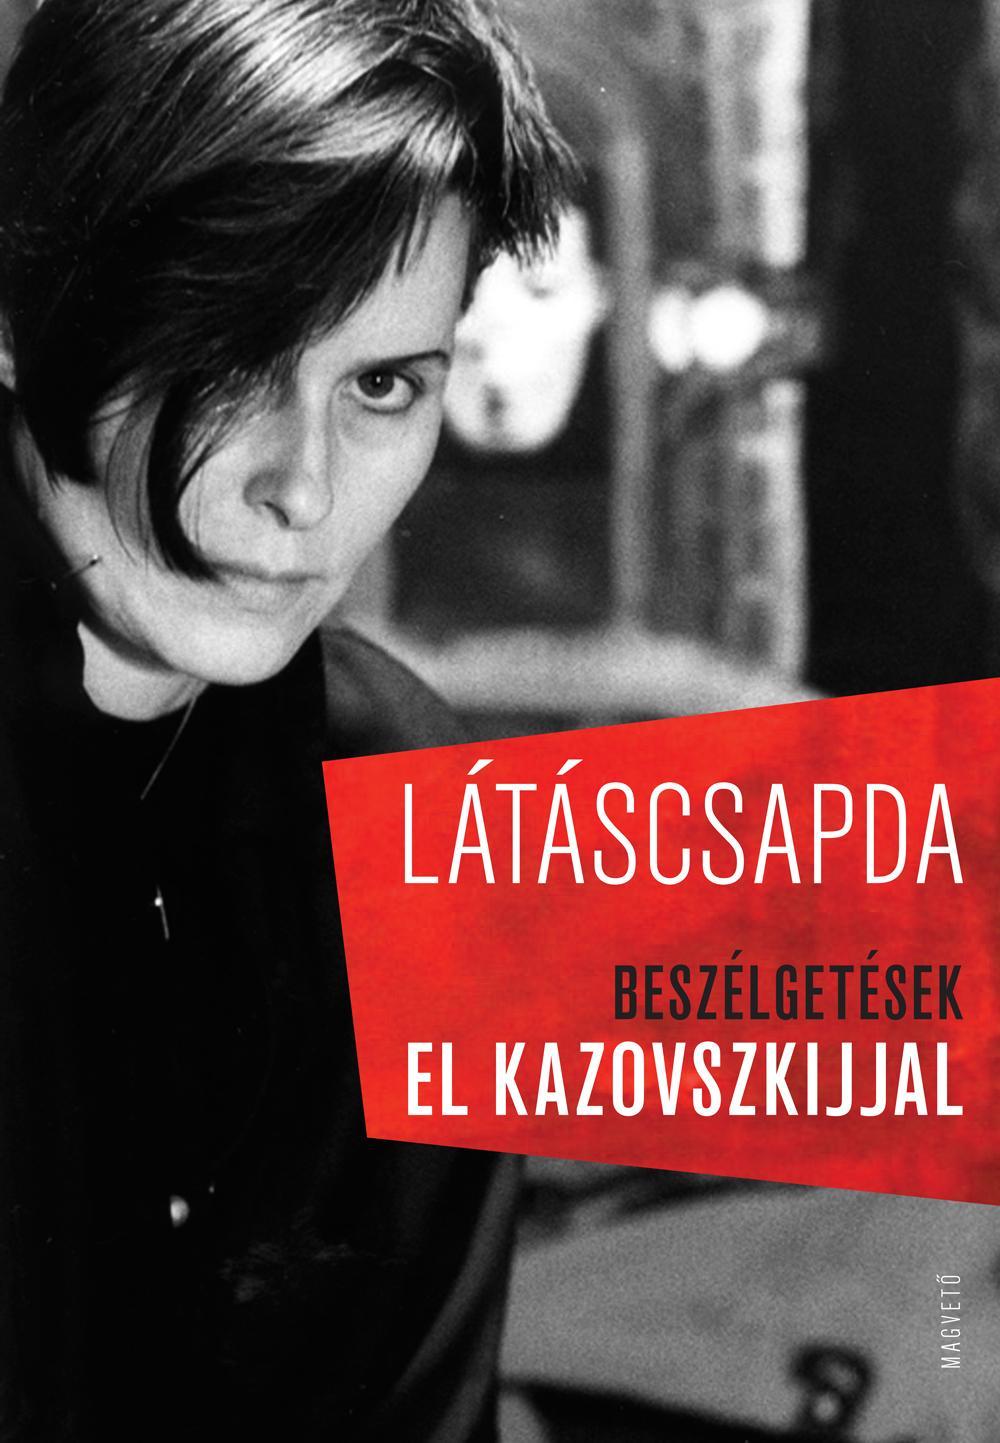 El Kazovszkij - Látáscsapda - Beszélgetések El Kazovszkijjal